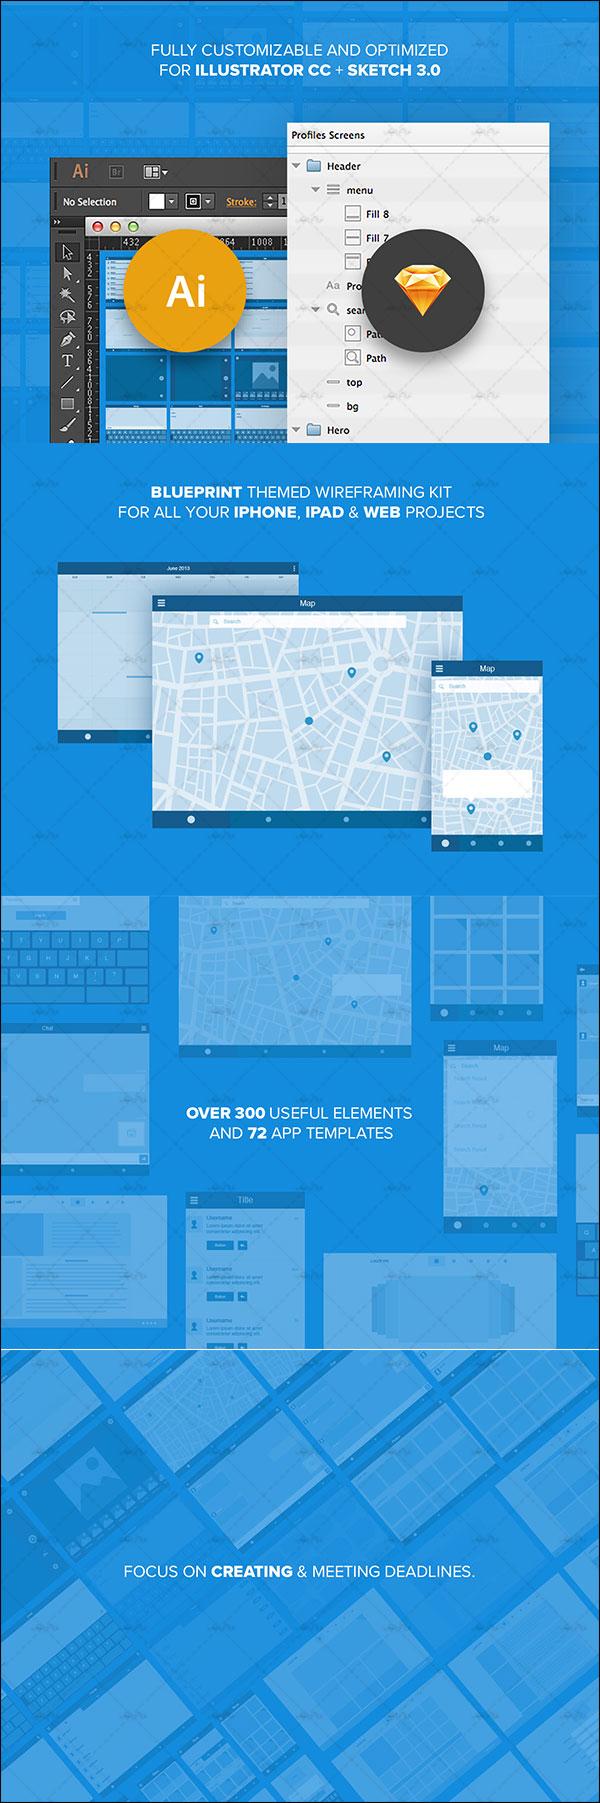 دانلود کیت وایرفریم اپلیکیشن iOS و سایت - رایگان - مجموعه Ui8